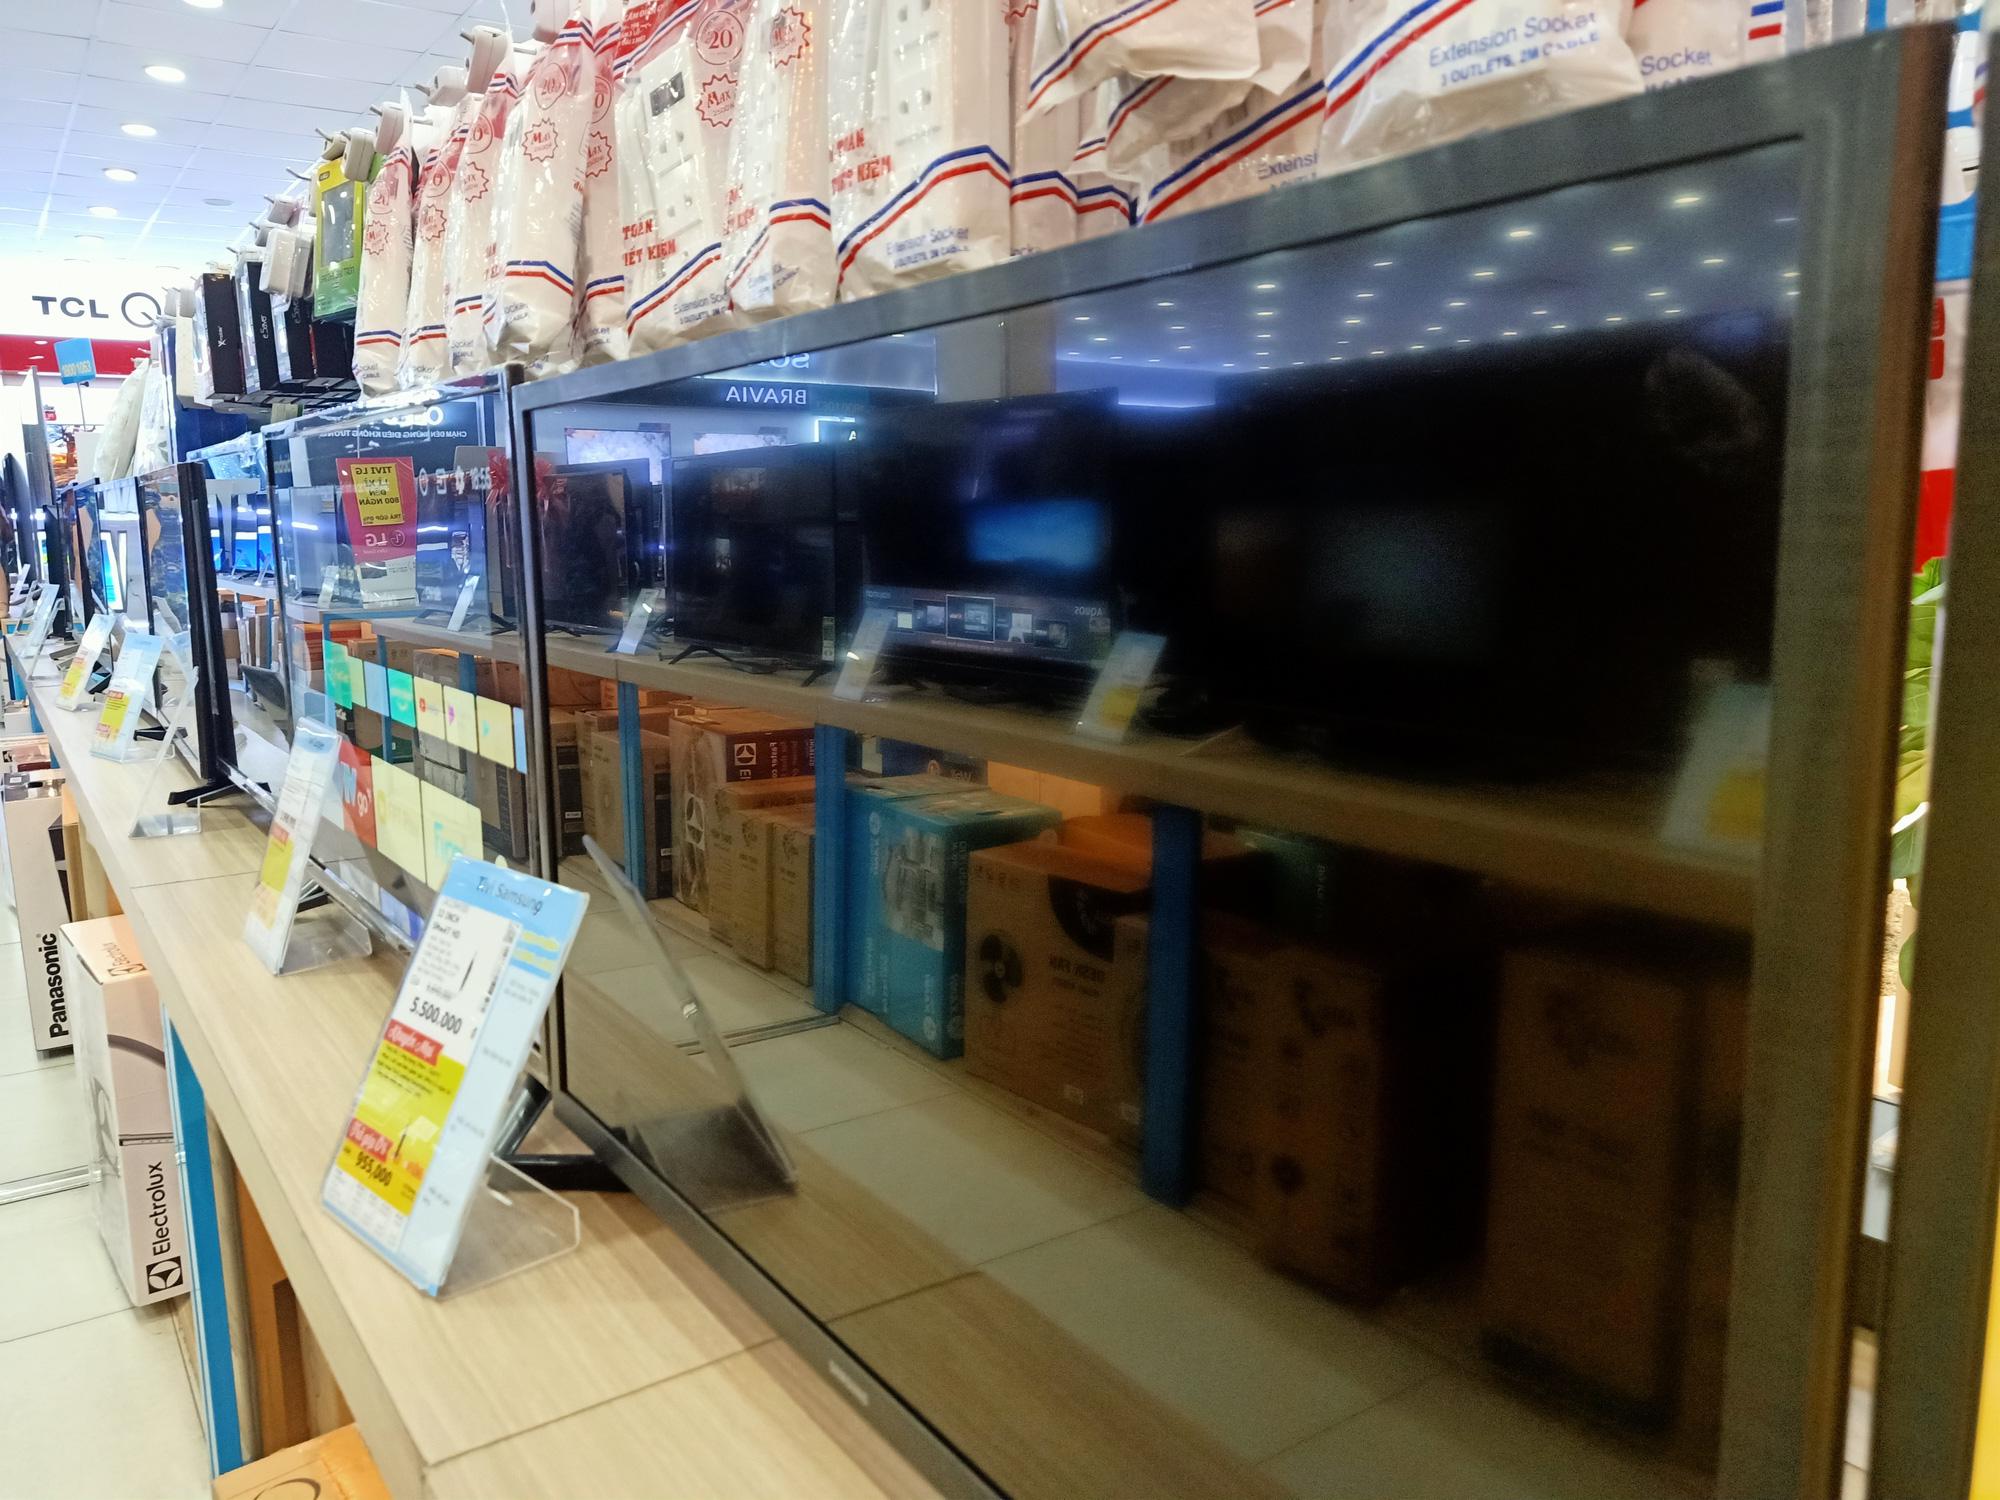 Nhiều tivi giảm giá kích cầu mua sắm để phục vụ cho nhu cầu giải trí tại gia - Ảnh 1.